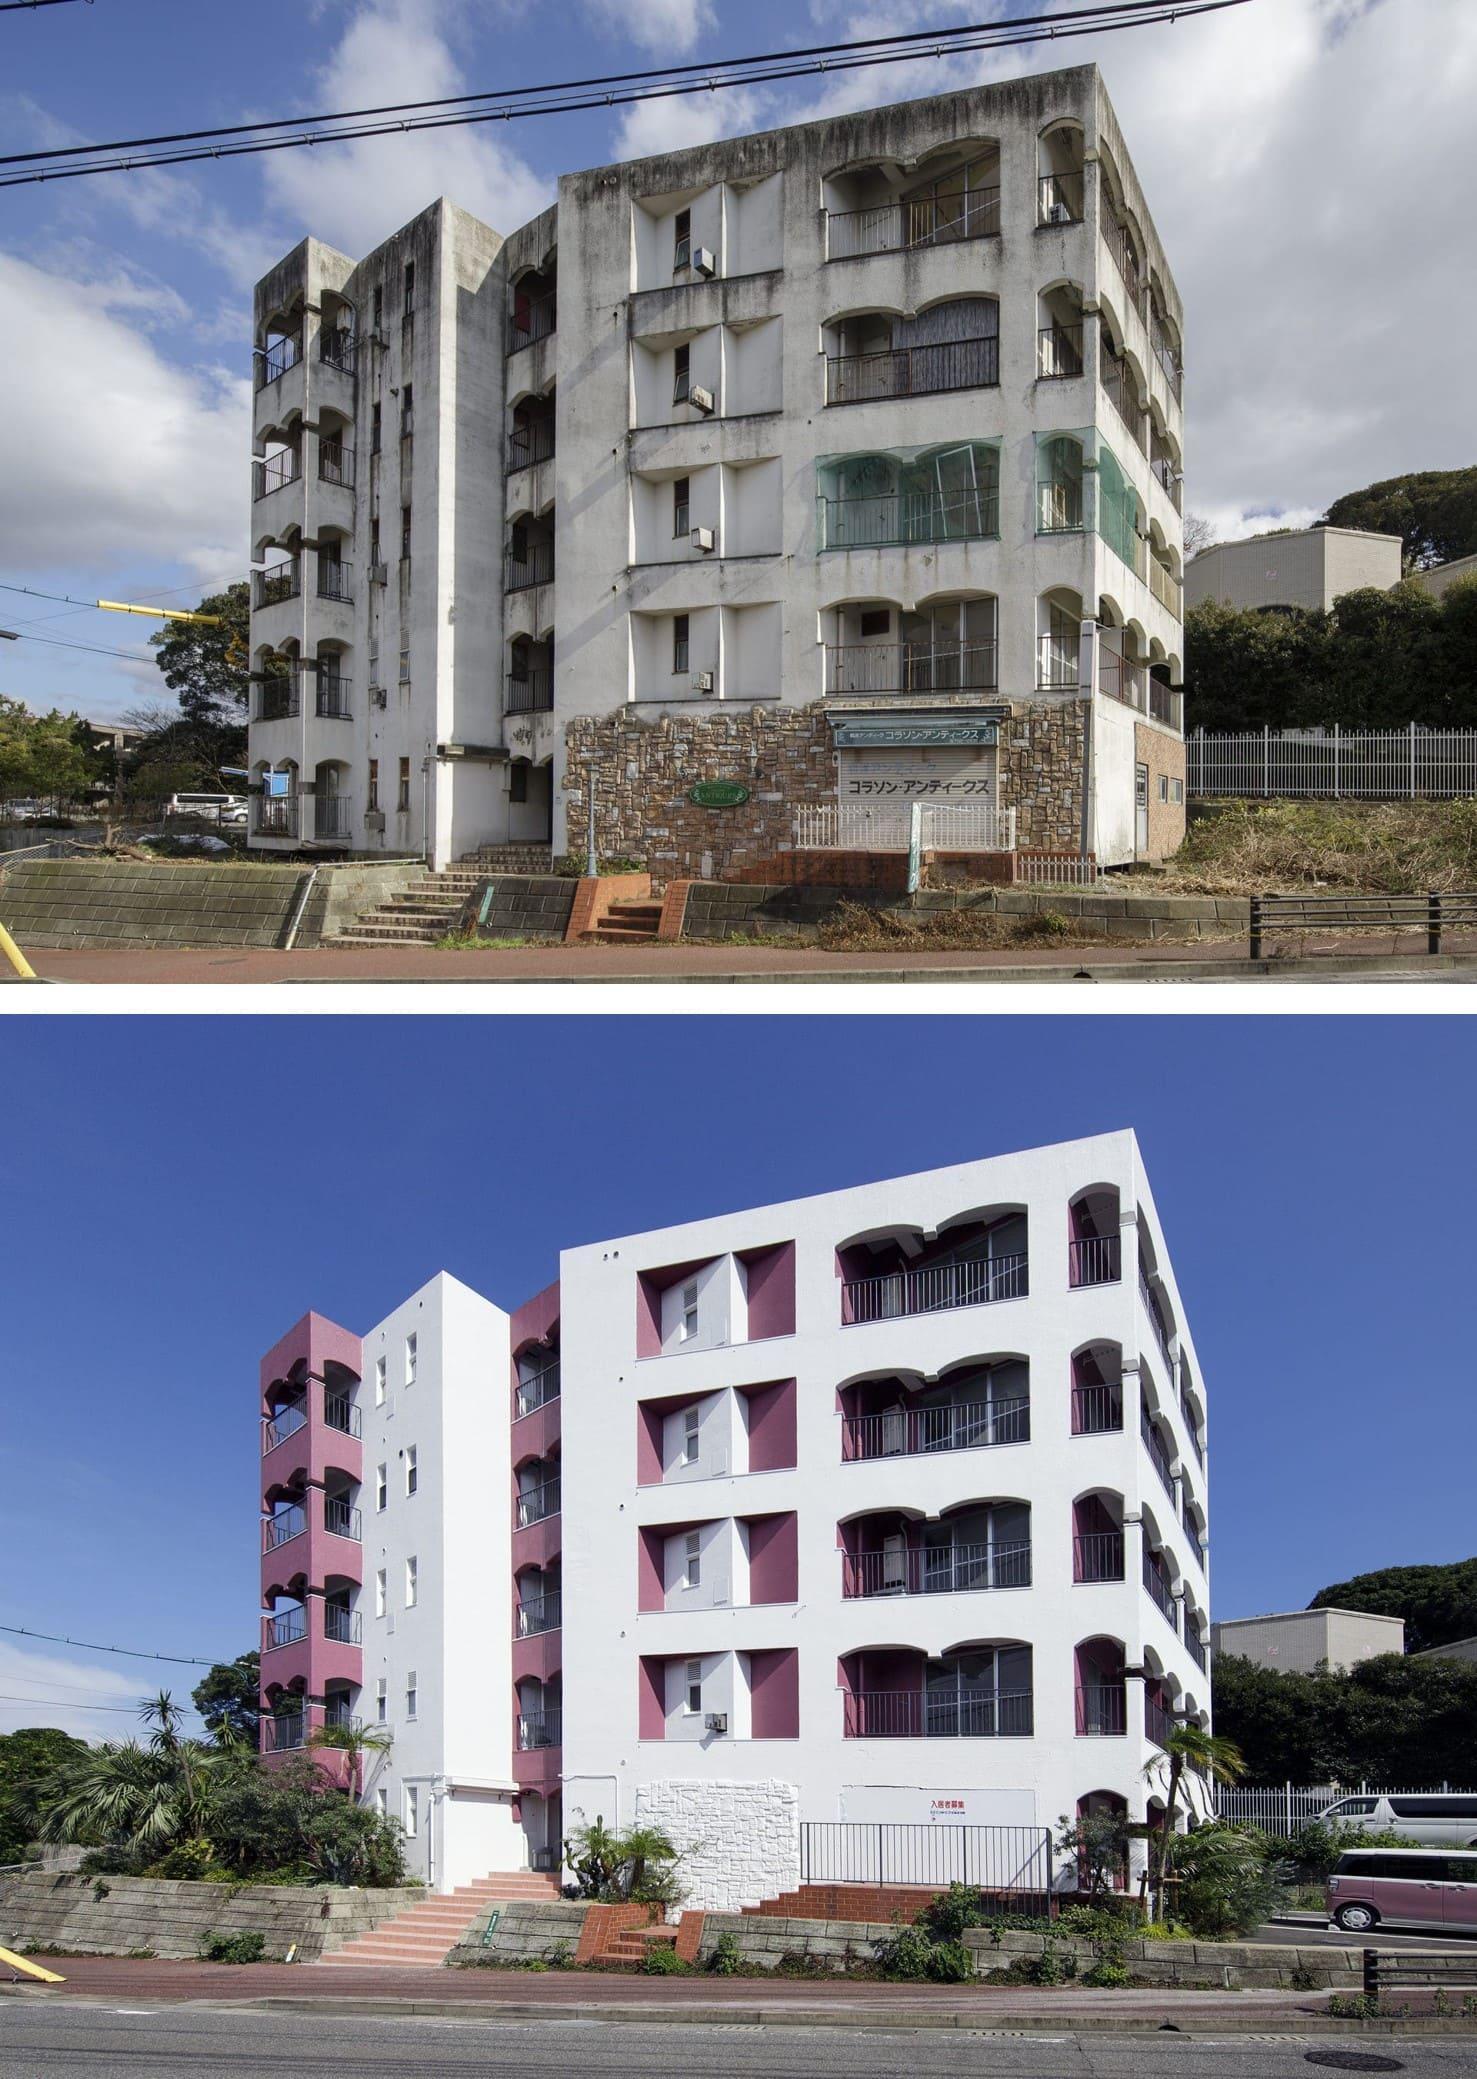 Goodホームデザイン、築古マンションの改修事業を強化